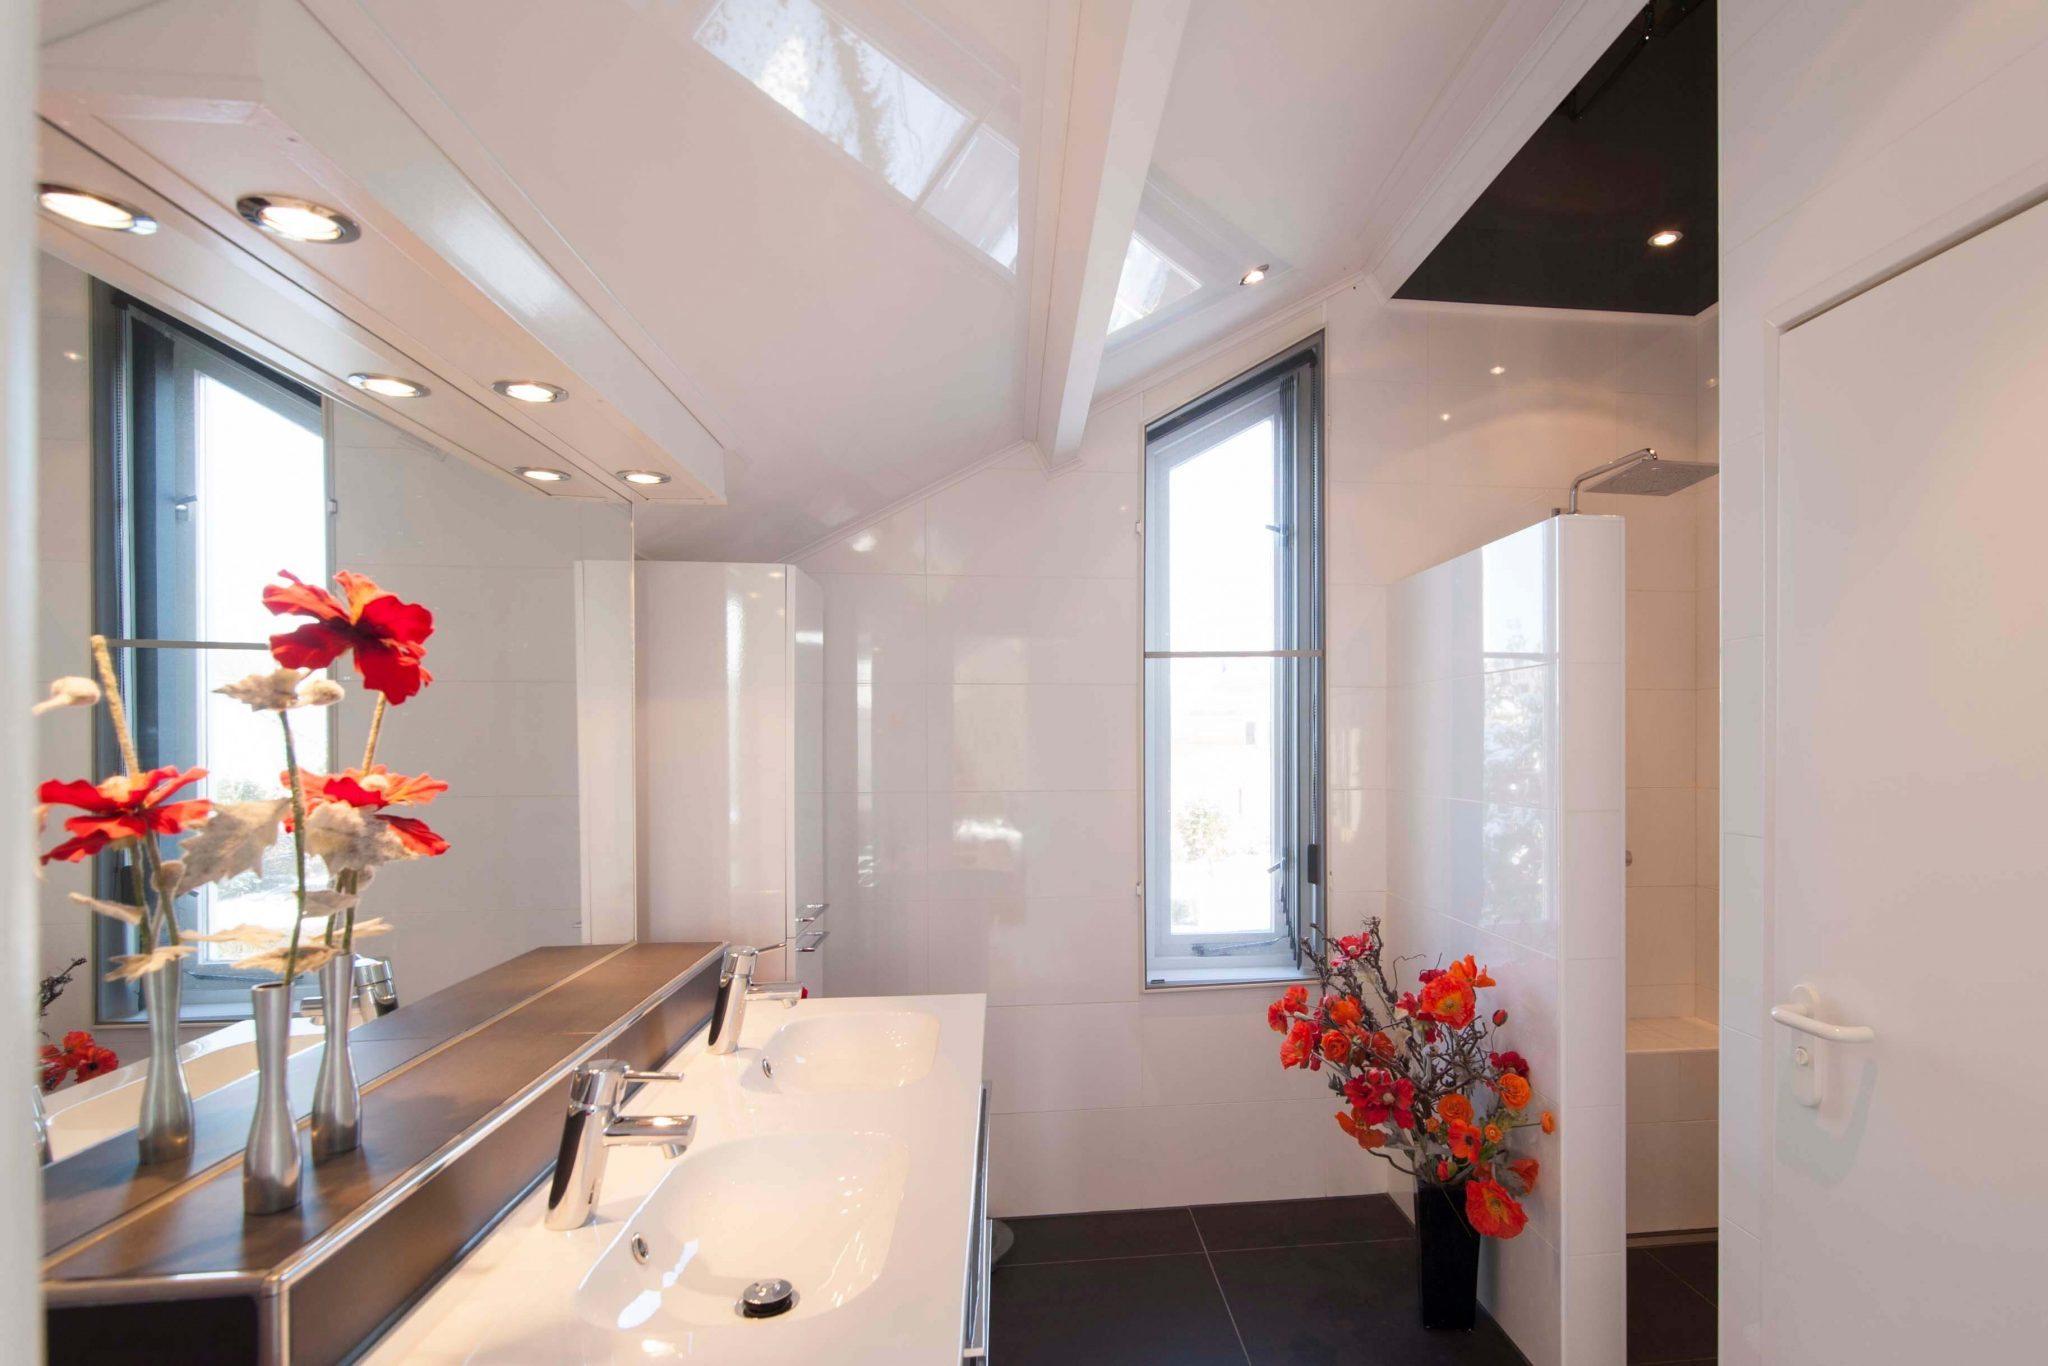 Badkamer Plafond: Kuntstof plafonds - kunststof panelen voor al uw ...